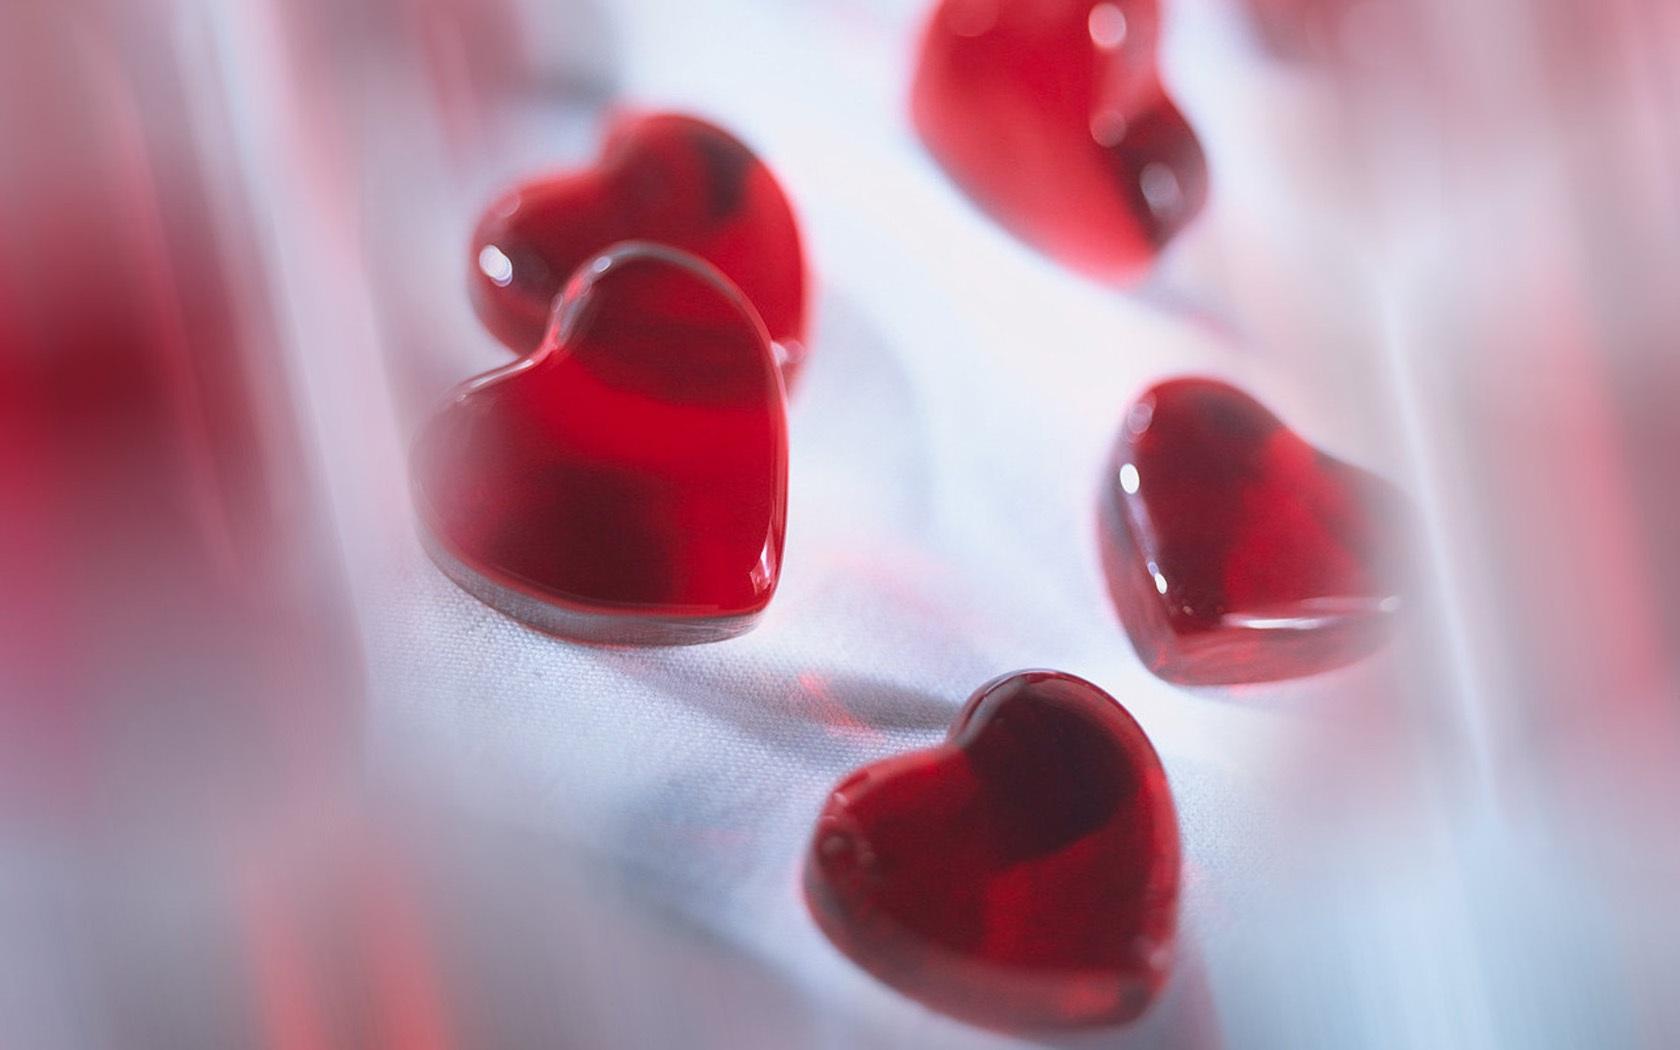 любовь сердце белое  № 1590590 бесплатно